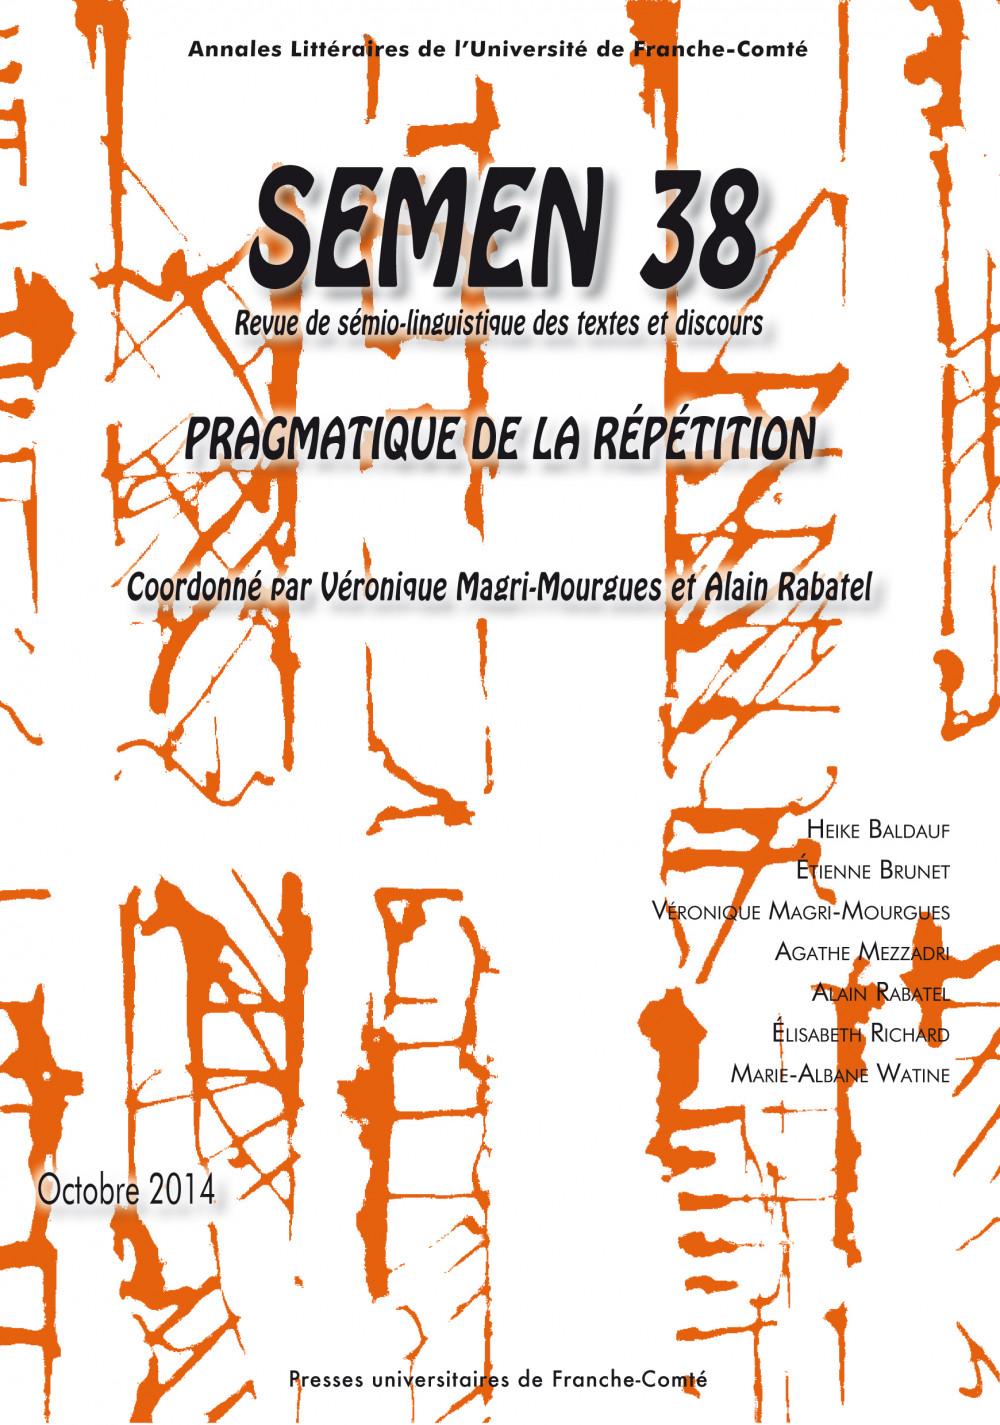 Semen 38